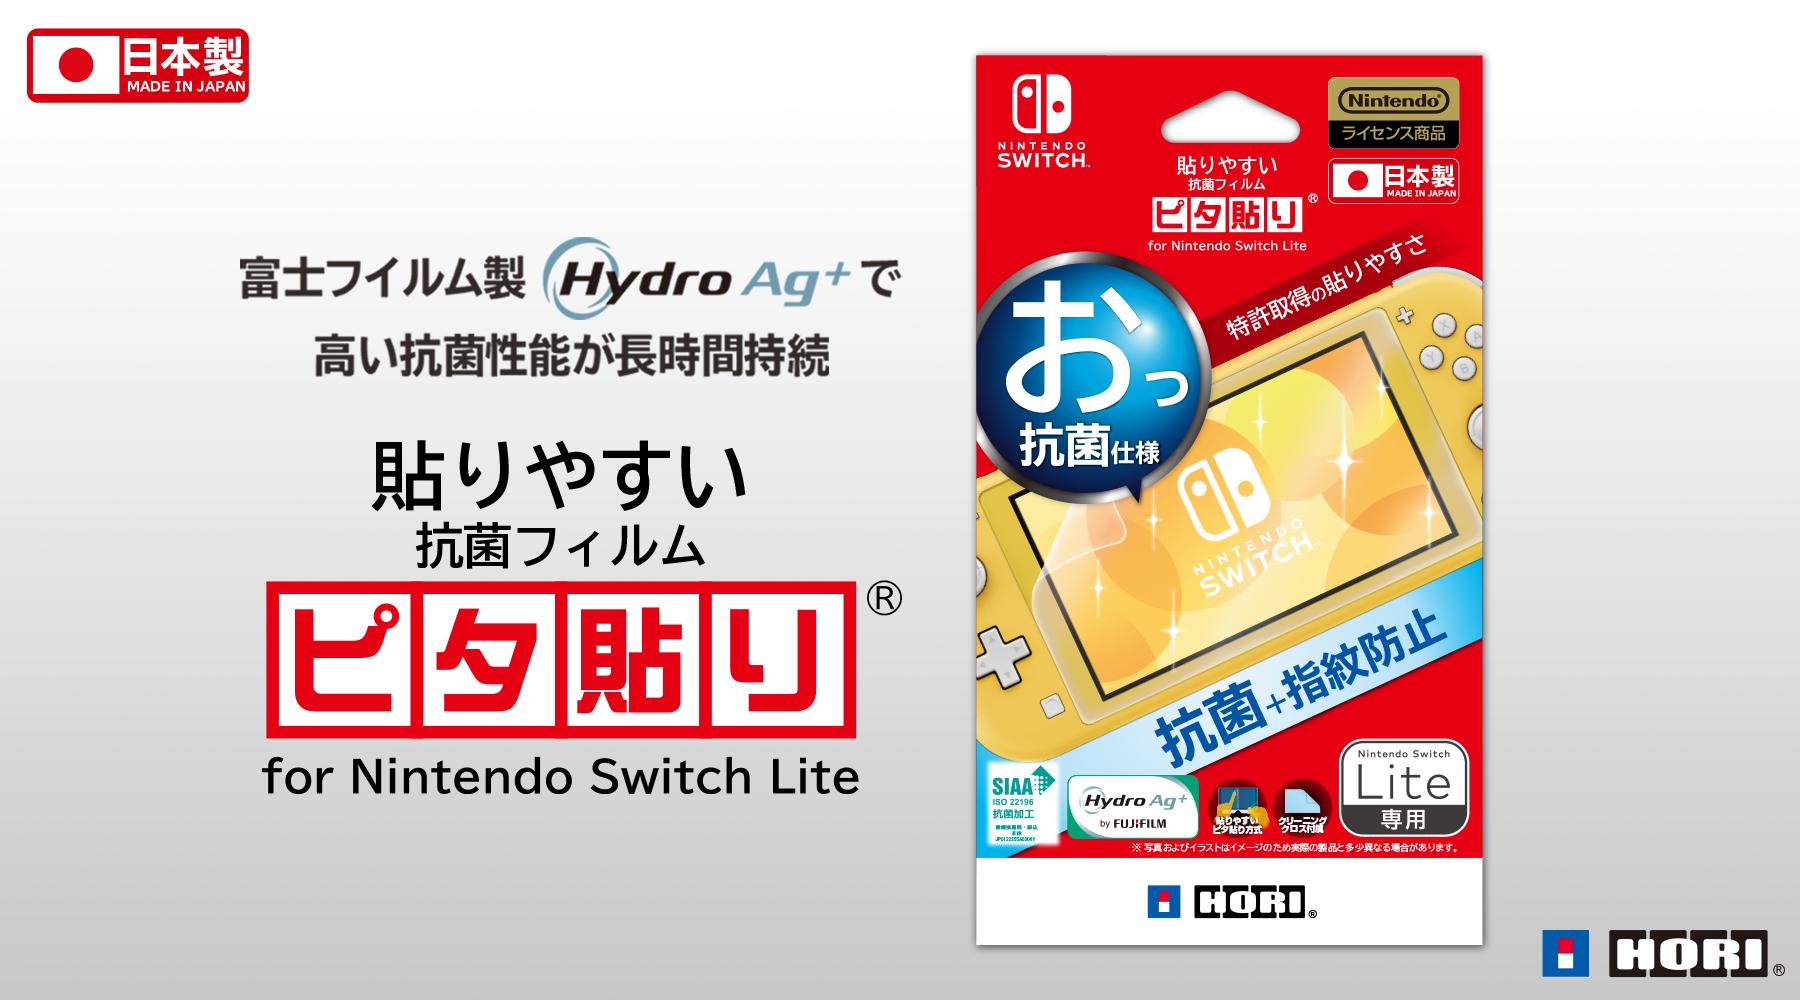 貼りやすい抗菌フィルム ピタ貼り for Nintendo Switch Lite が登場!発売中!